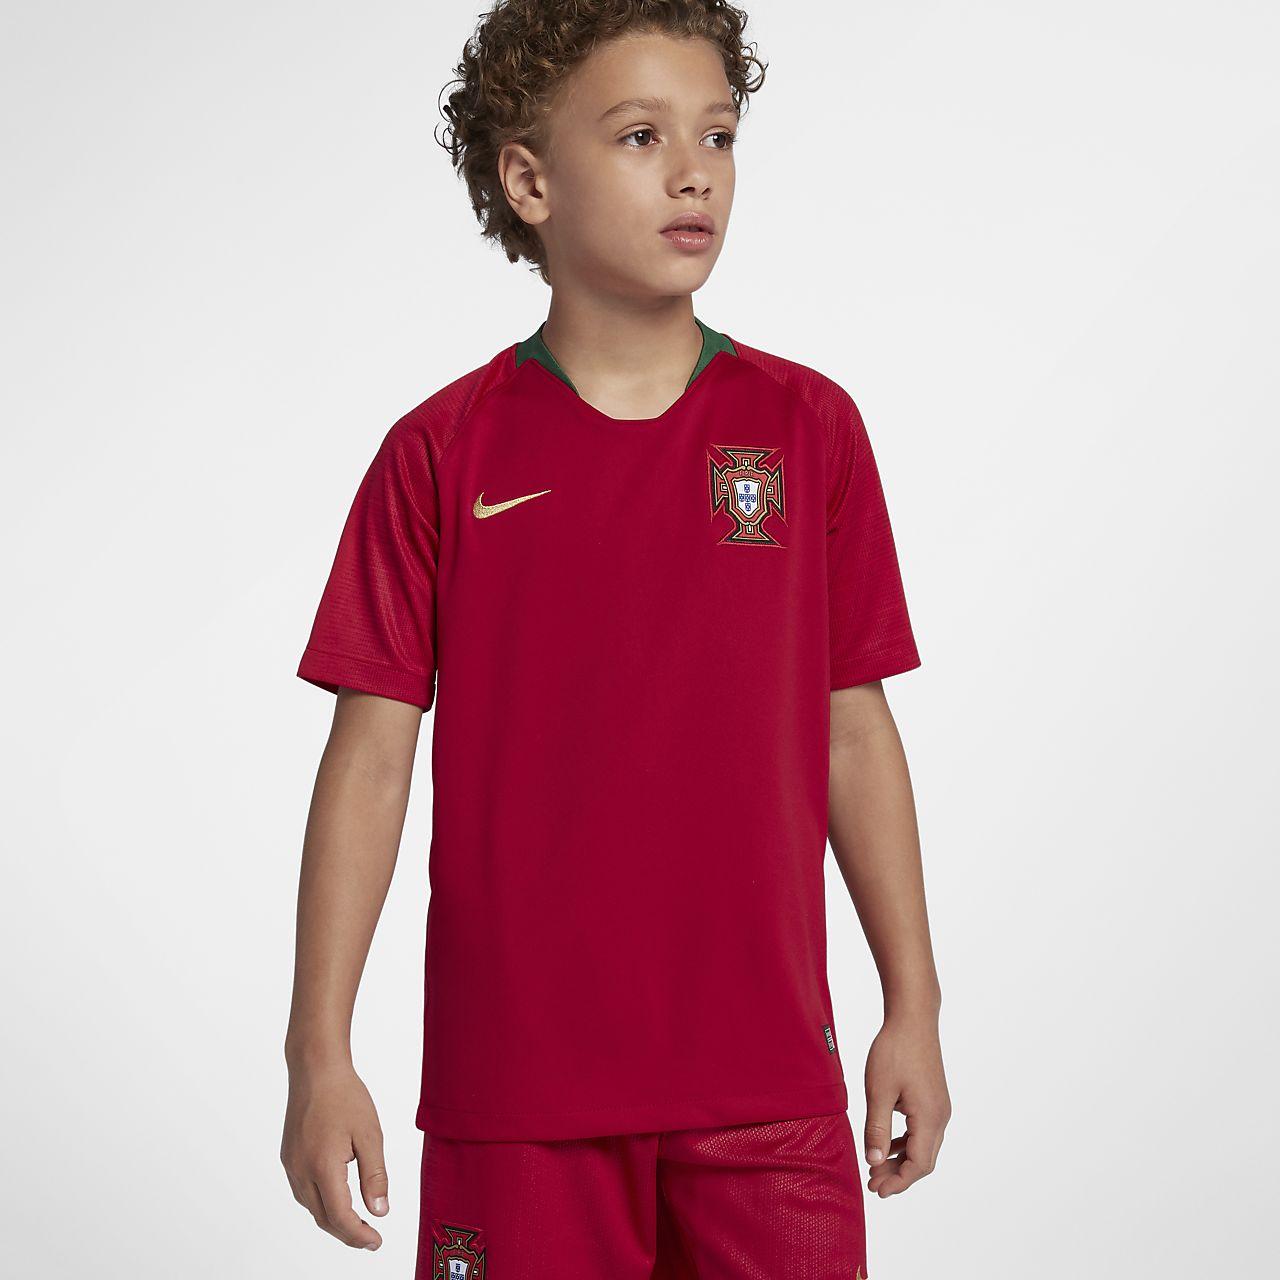 2018 Portugal Stadium Home fotballdrakt for store barn